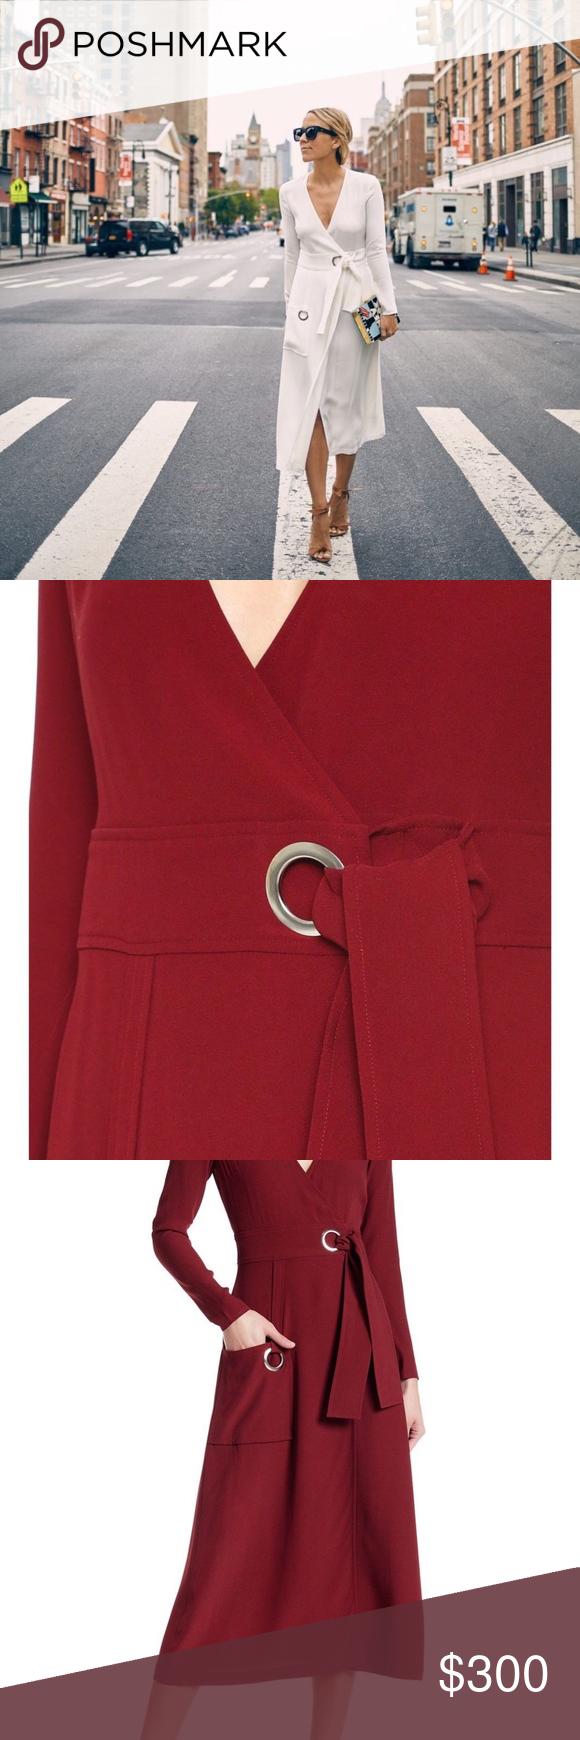 Alc alc ray v neck maroon red long sleeve wrap nwt my posh